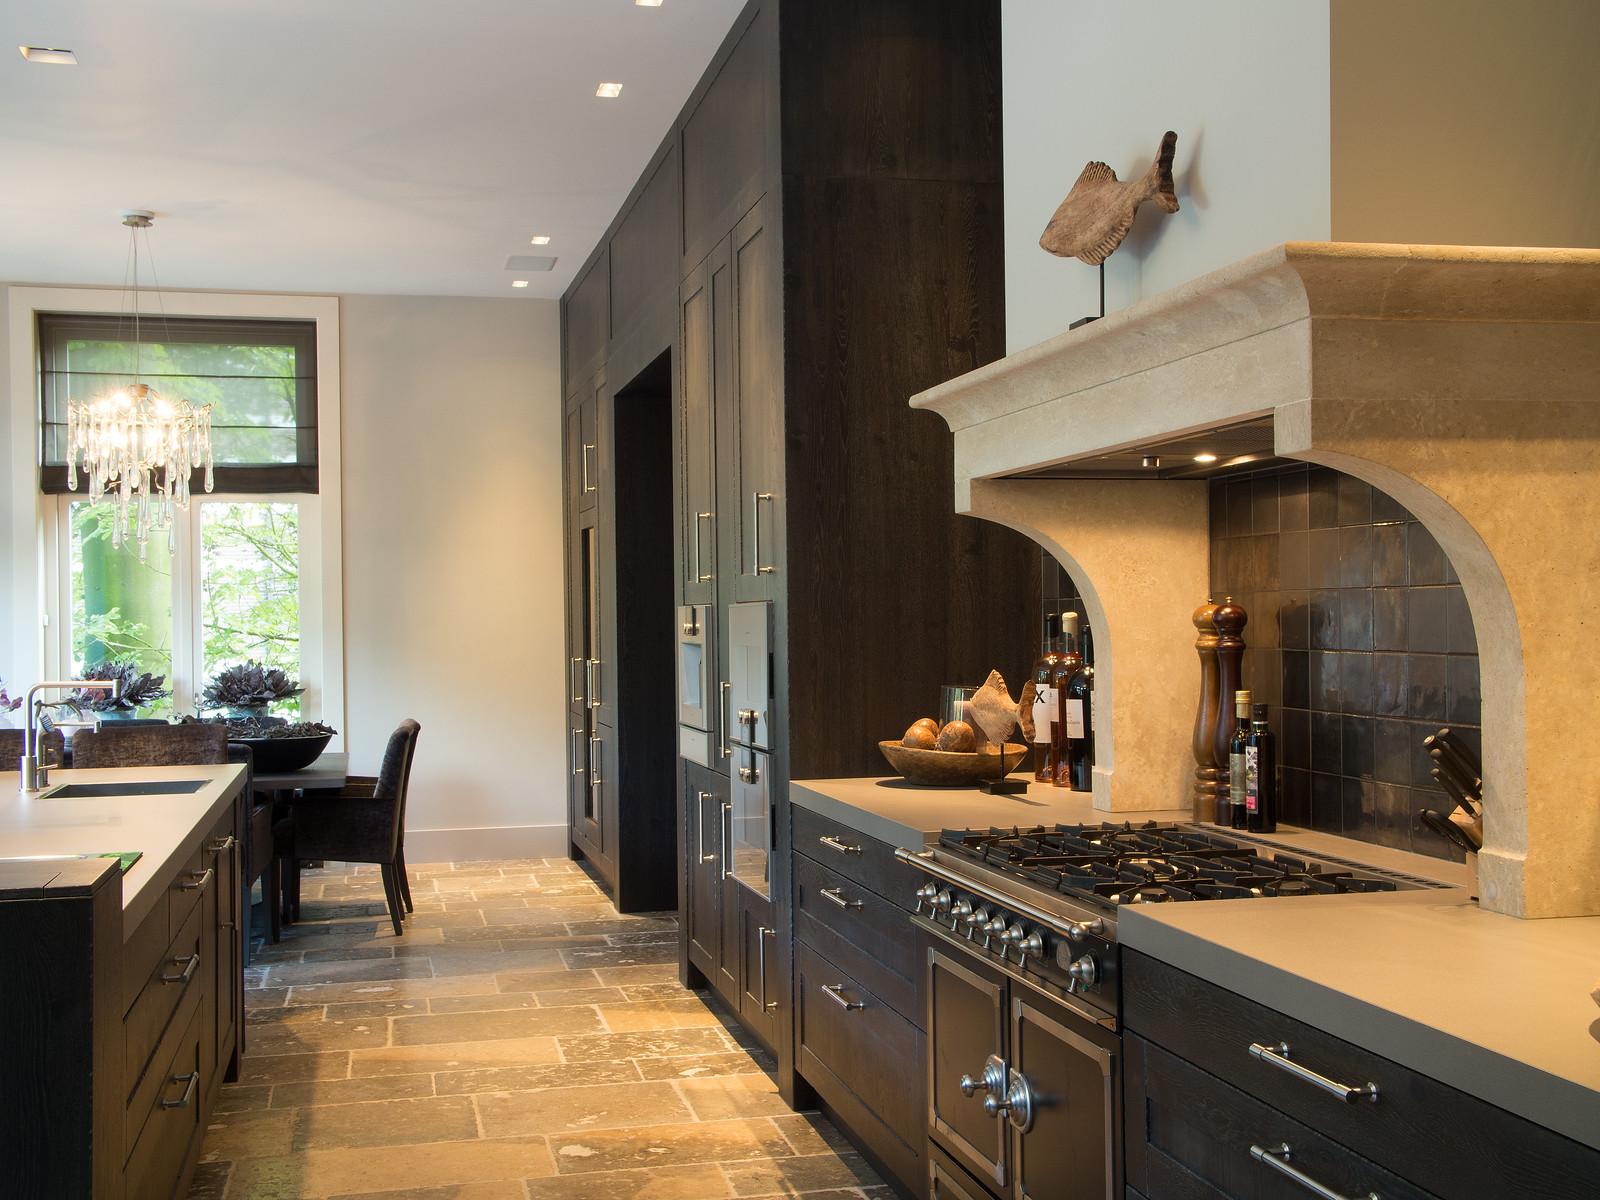 Zwarte keuken in landelijke stijl via Tieleman keukens